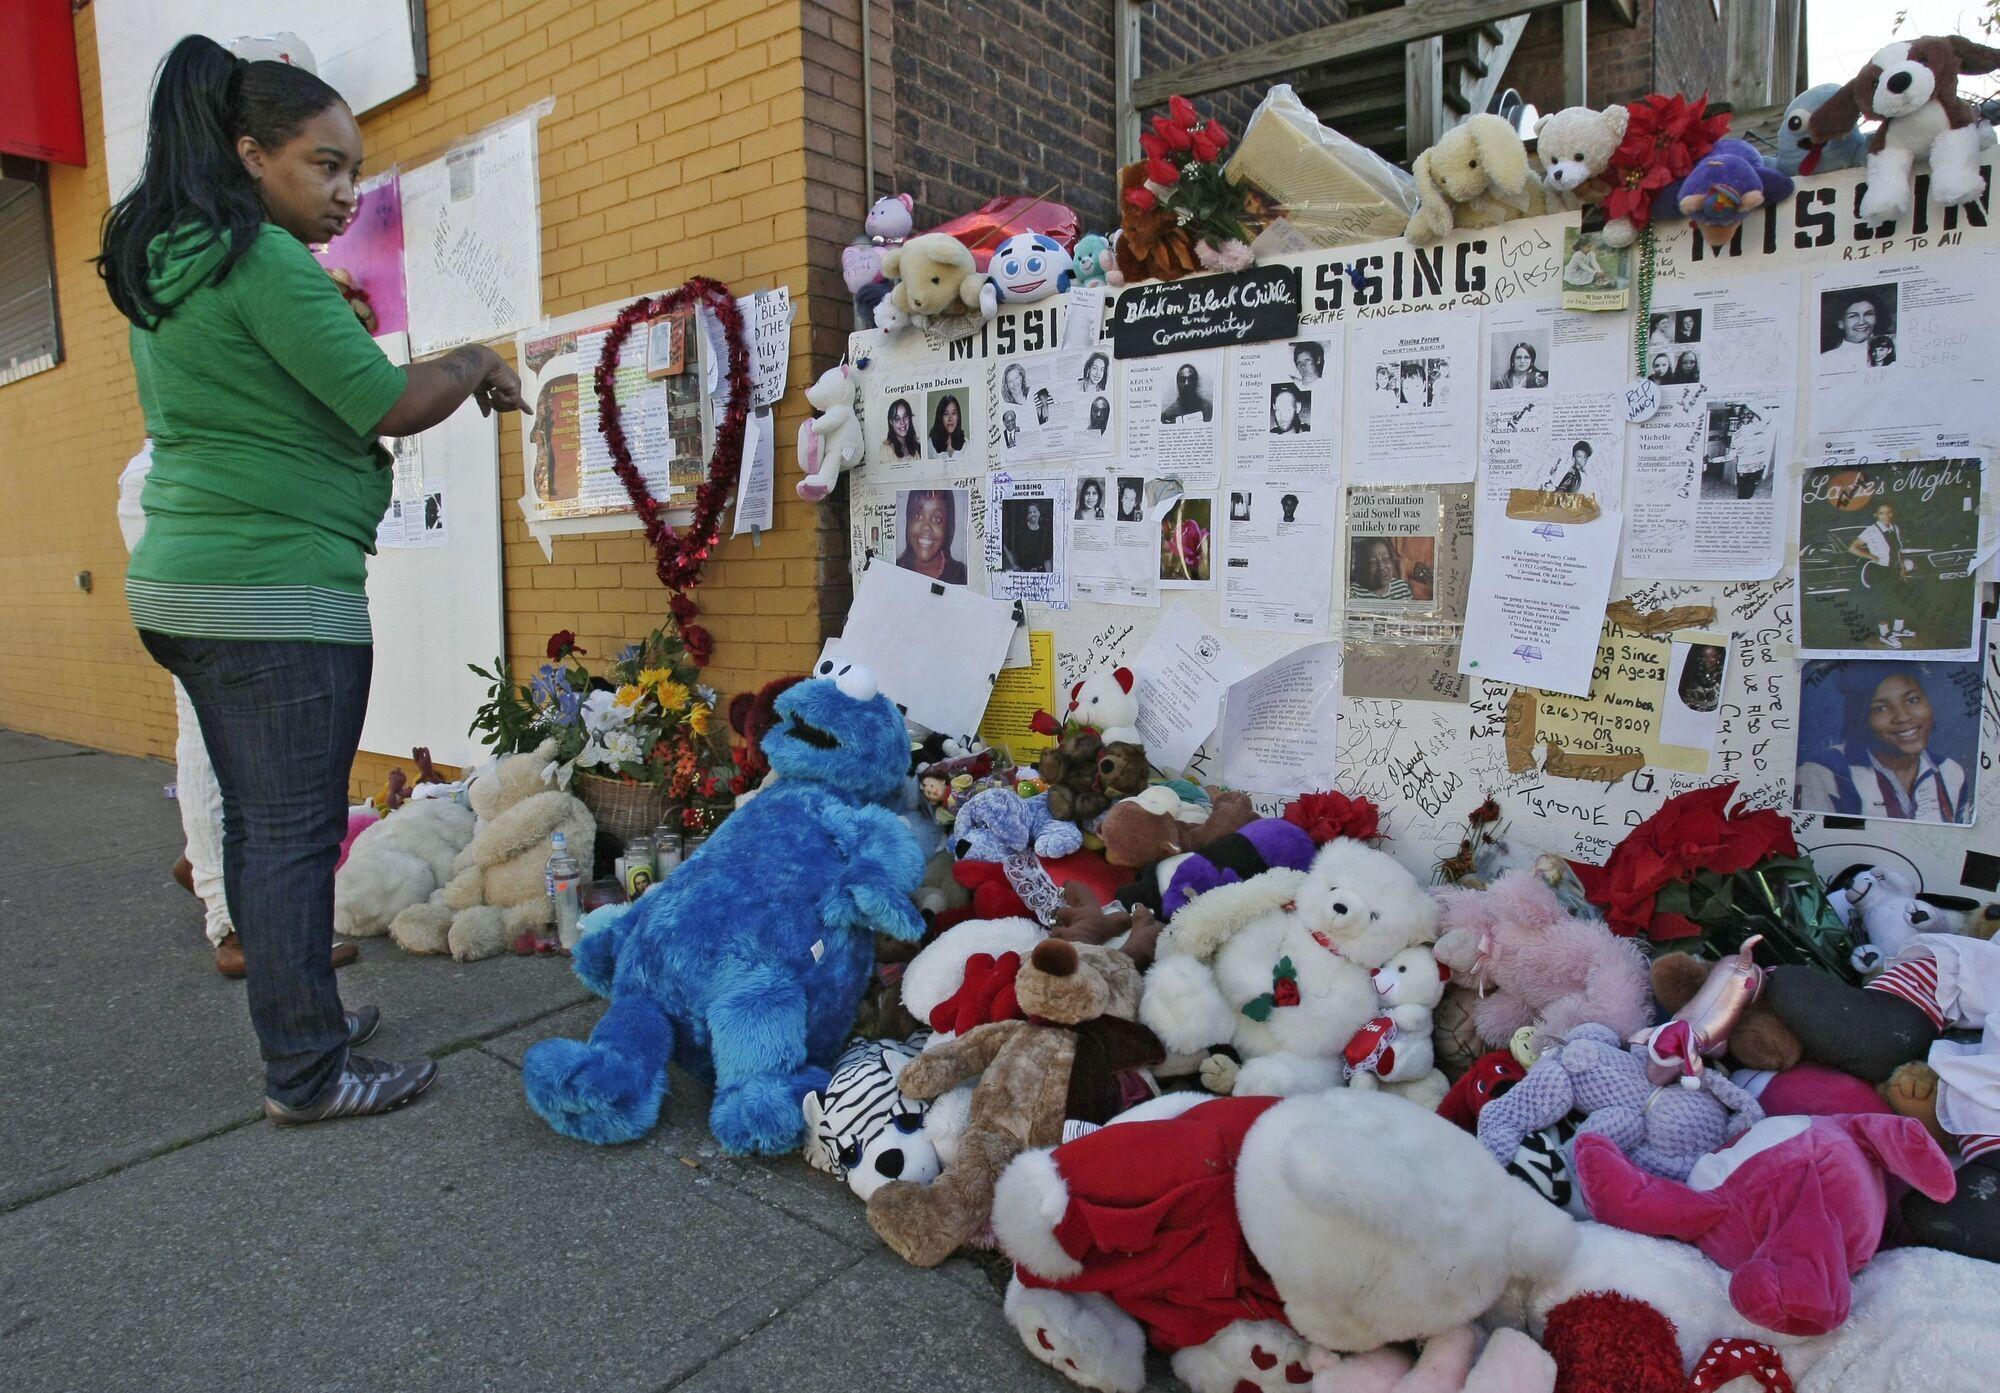 Мемориал в память жертв Кливлендского маньяка